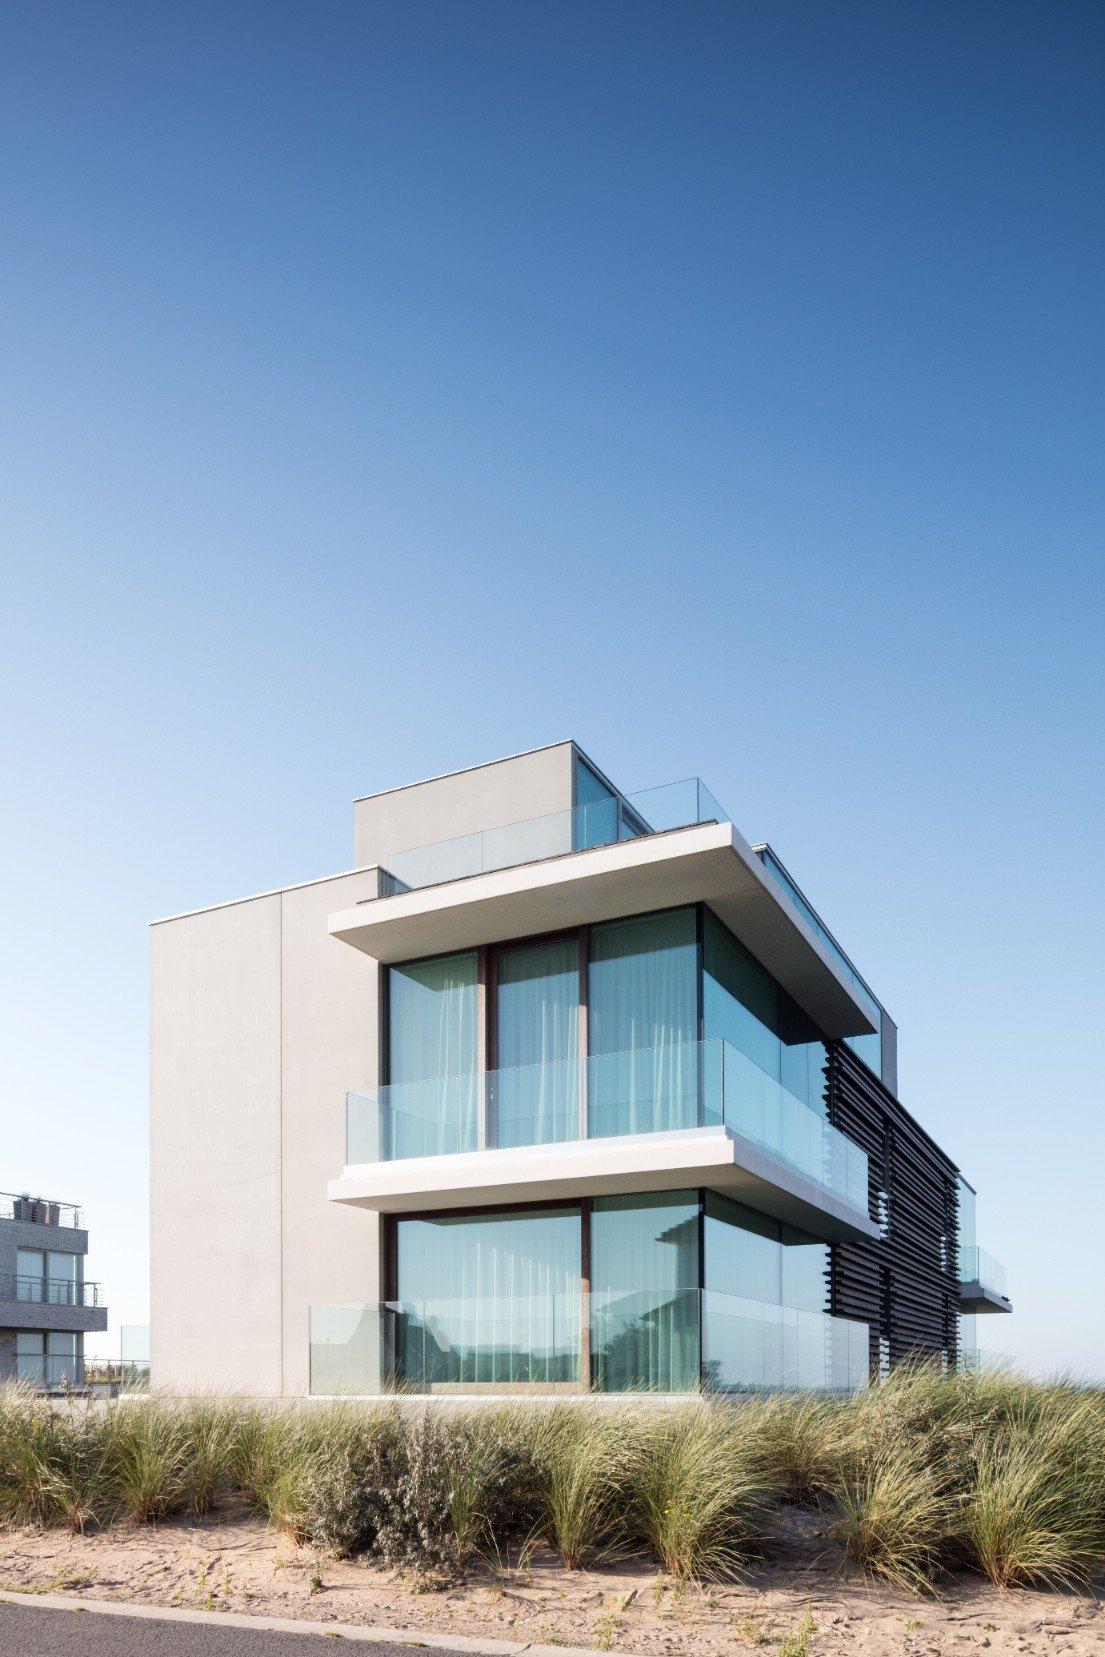 Rietveldprojects-Niemeyer-appartement-design-architectuur-kust-tvdv